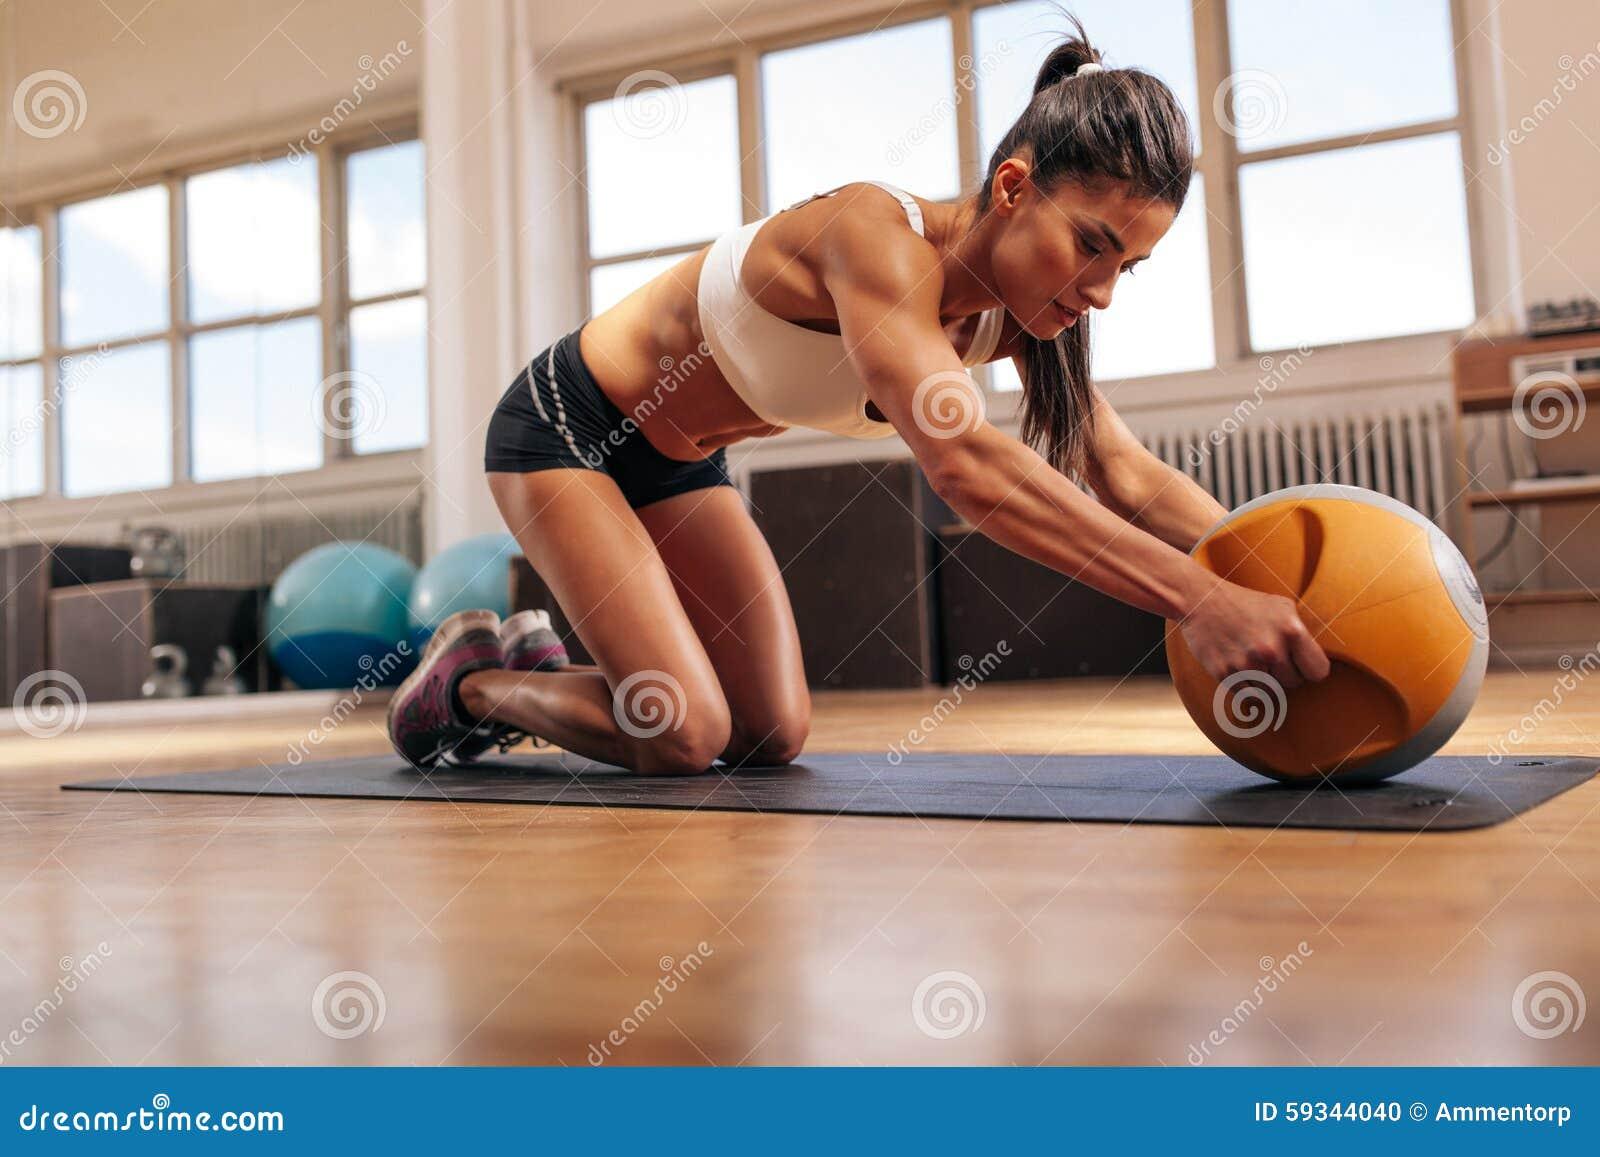 Γυναίκα που κάνει τον έντονο πυρήνα workout στη γυμναστική